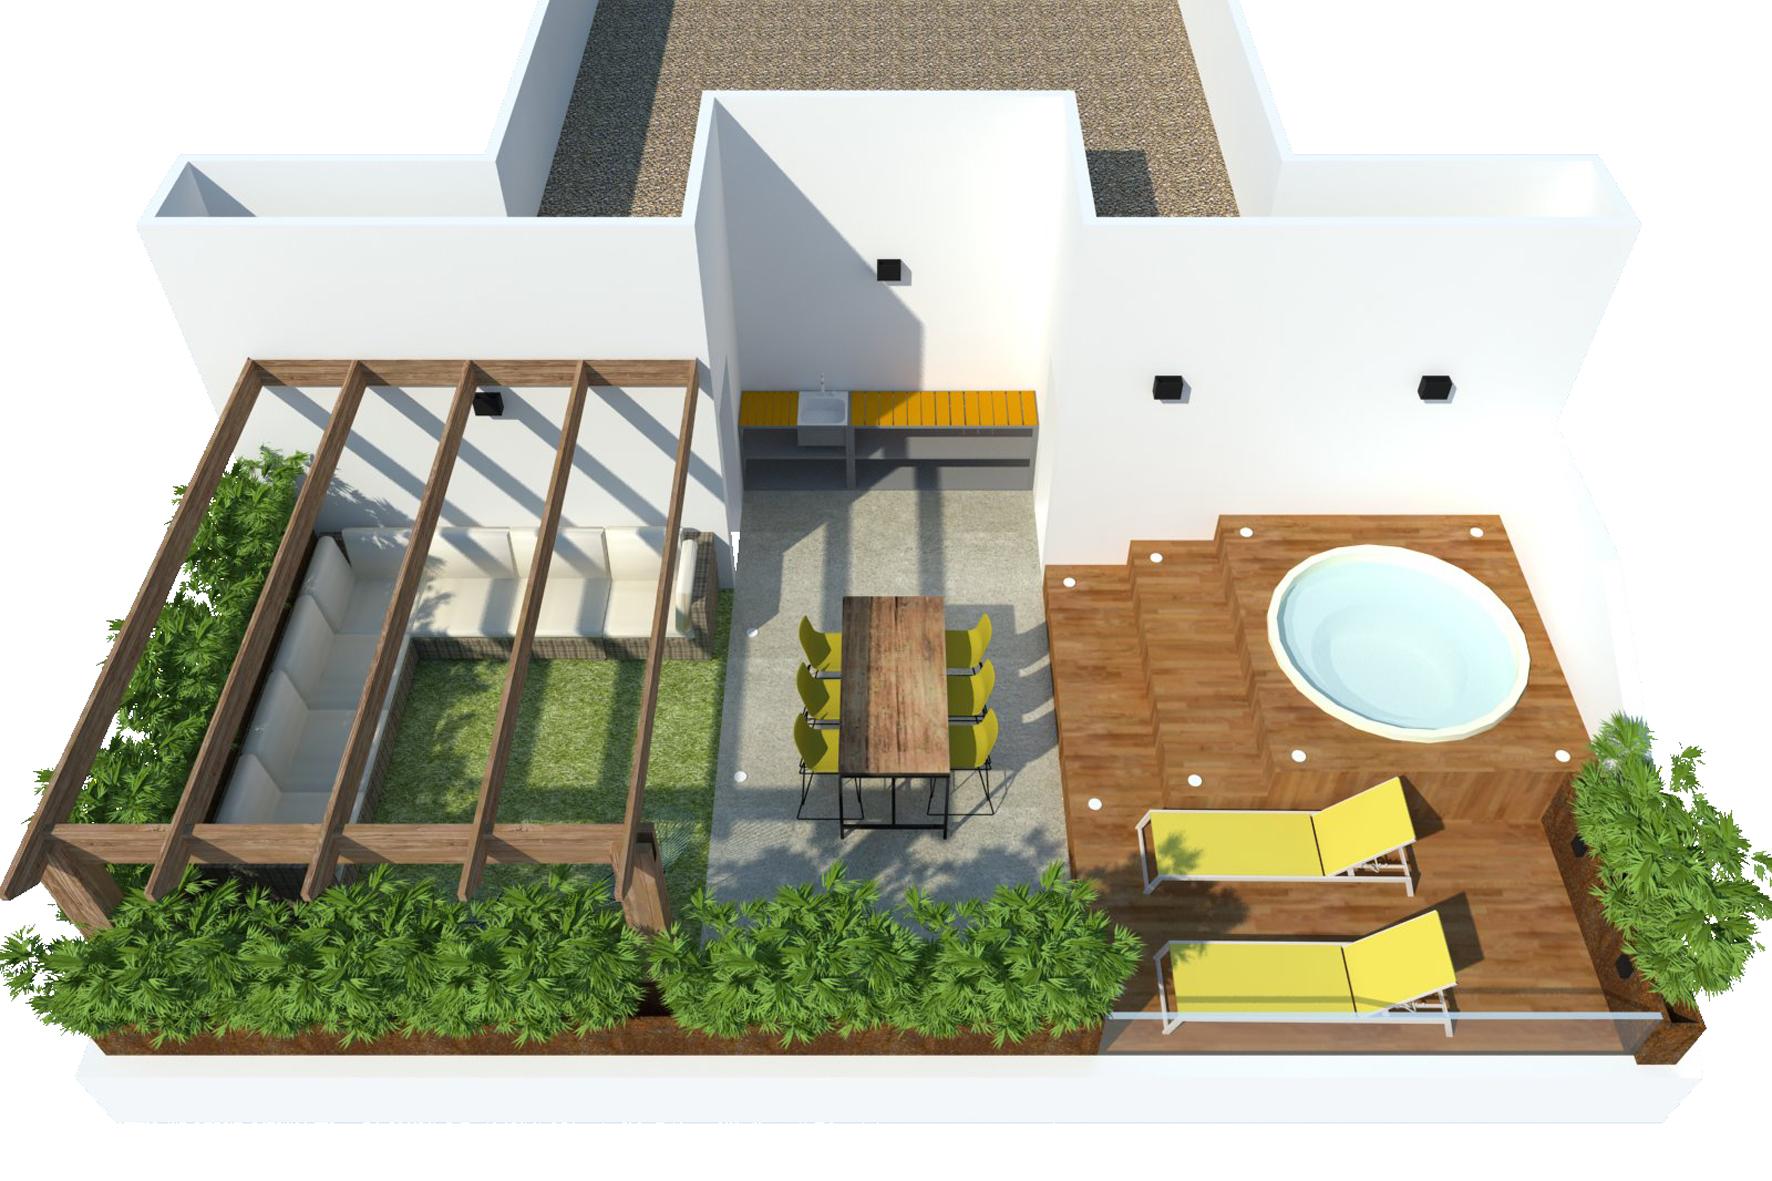 Reforma loft arquitectura interiorismo studiobmk (7)